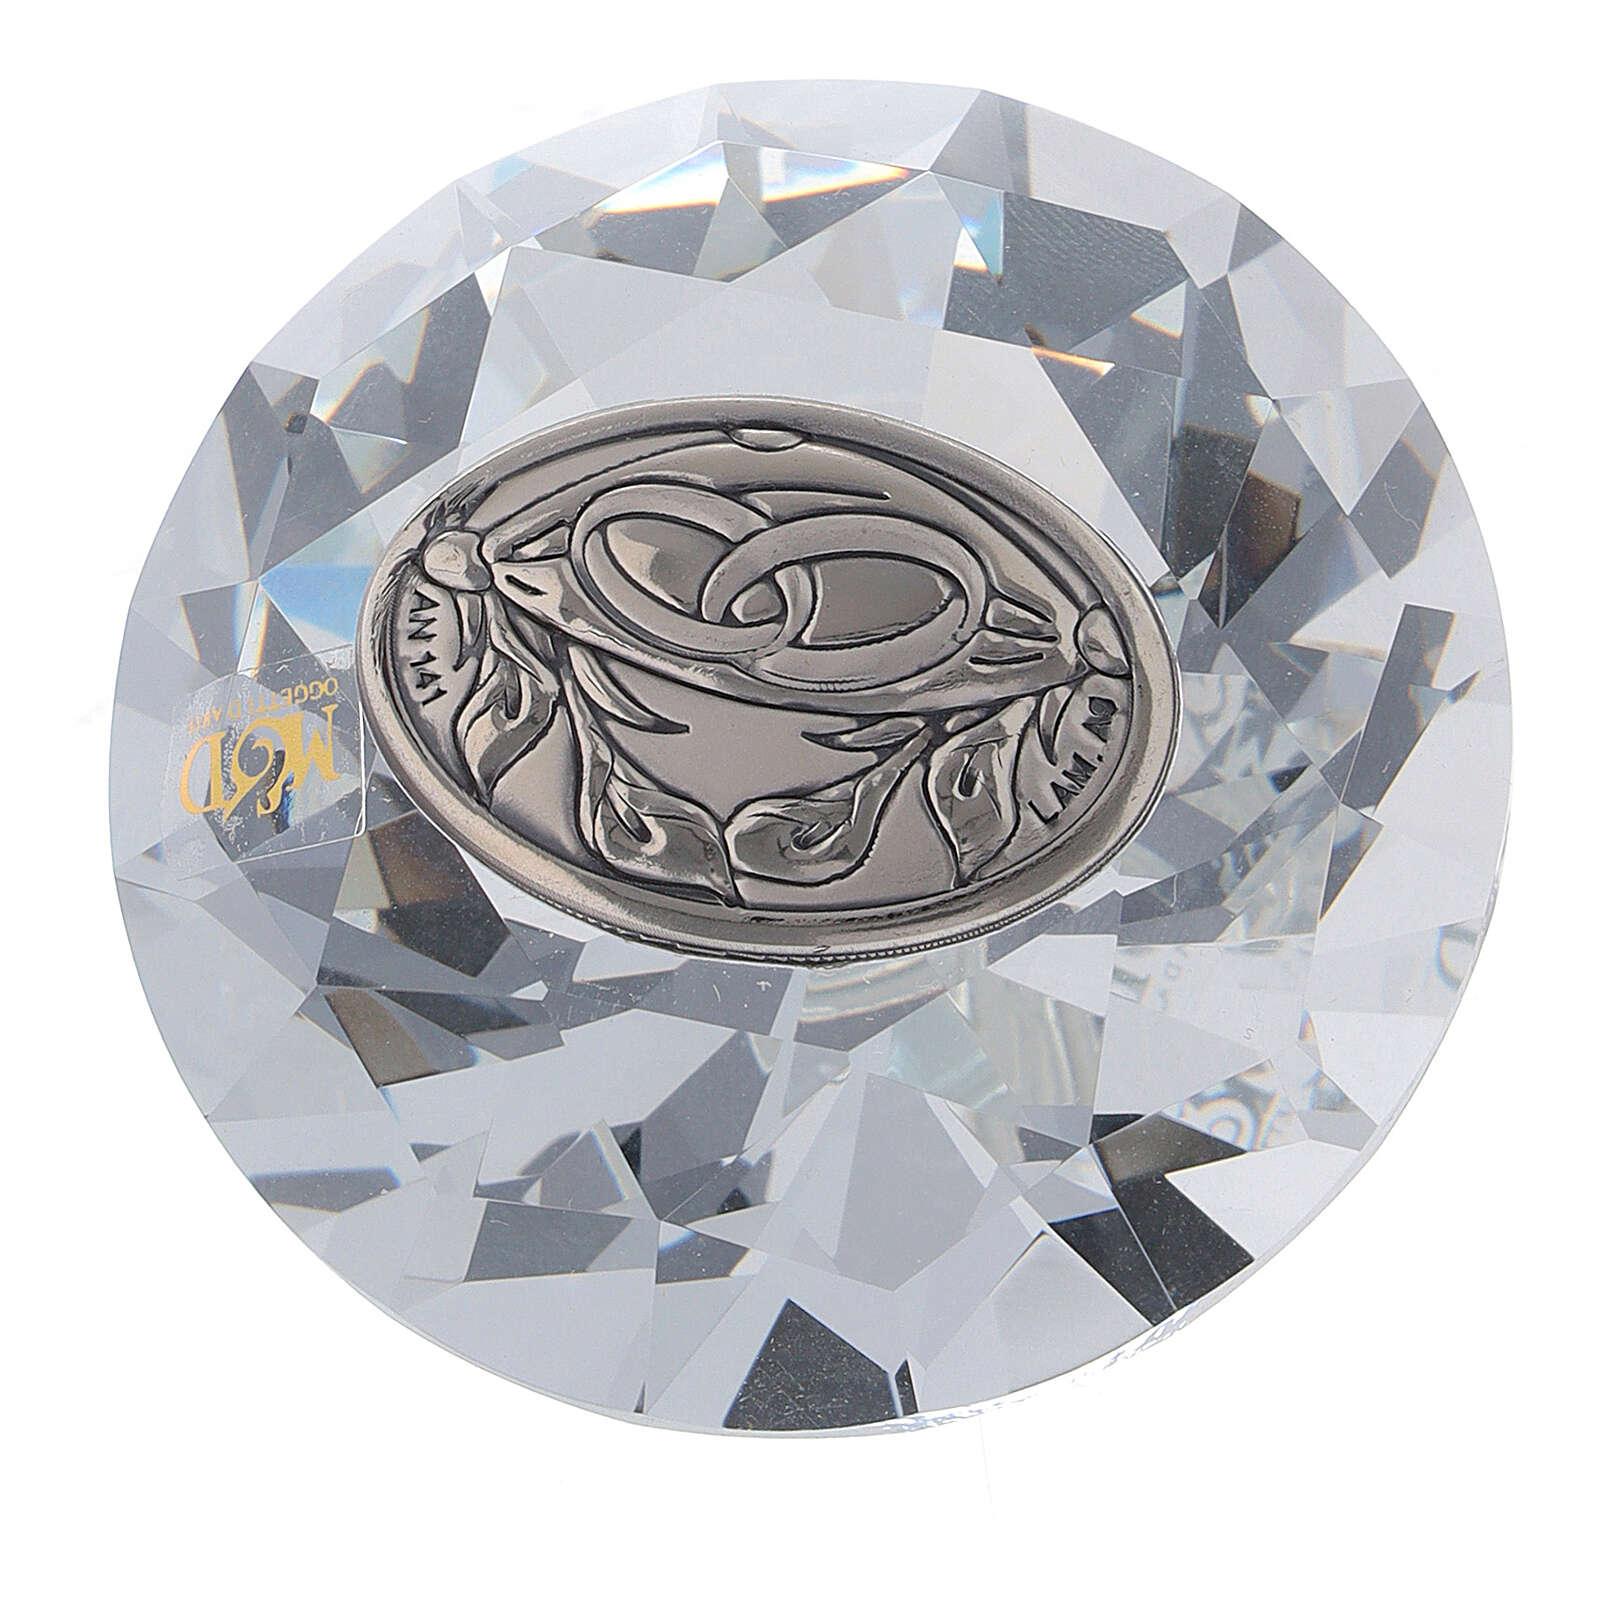 Gastgeschenk zur Hochzeit in Form eines Diamanten 3